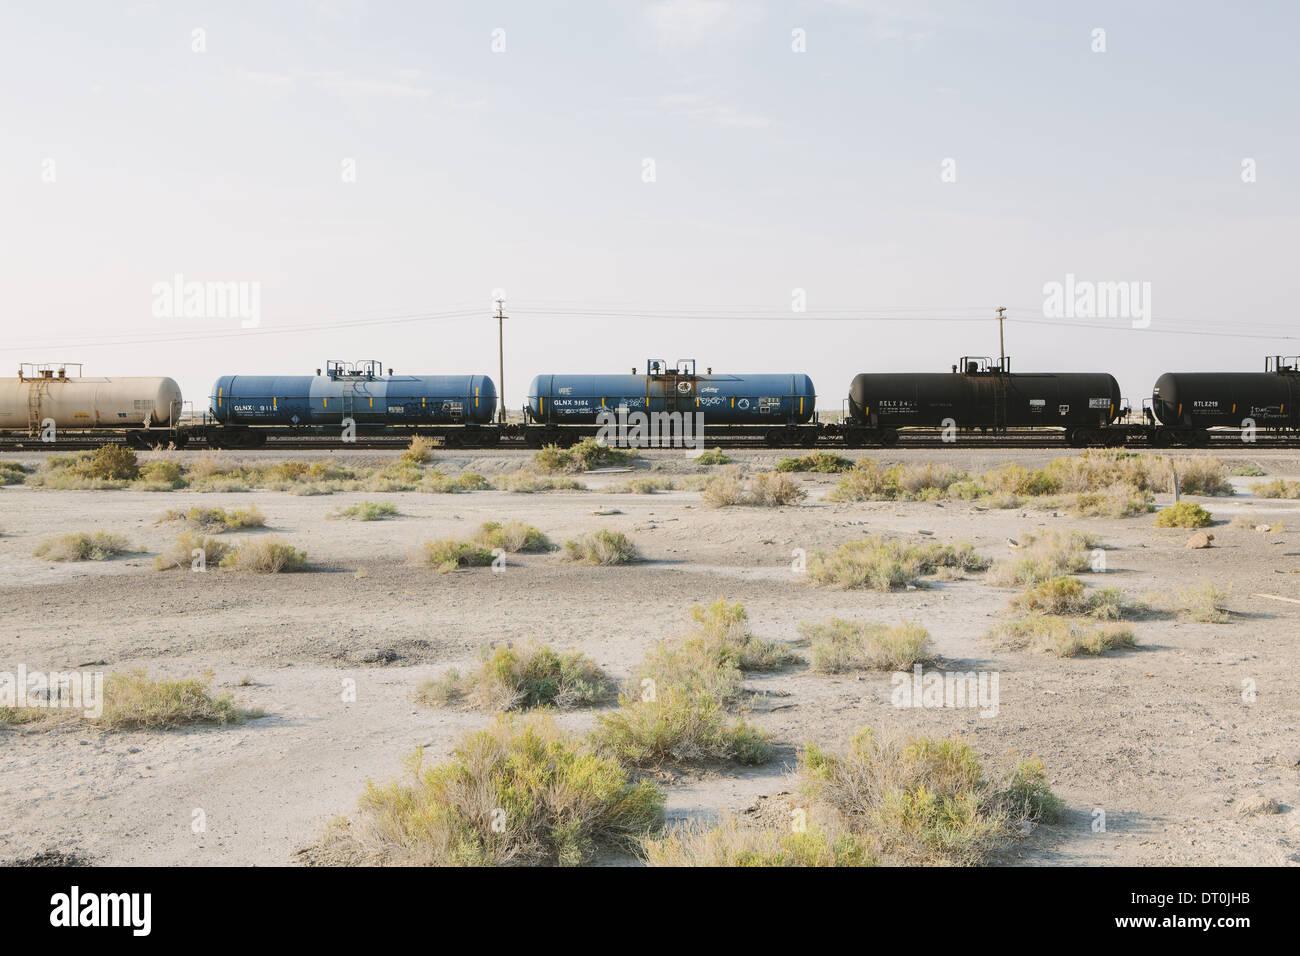 Utah USA train de marchandises sur une voie de chemin de fer traversant désert Photo Stock